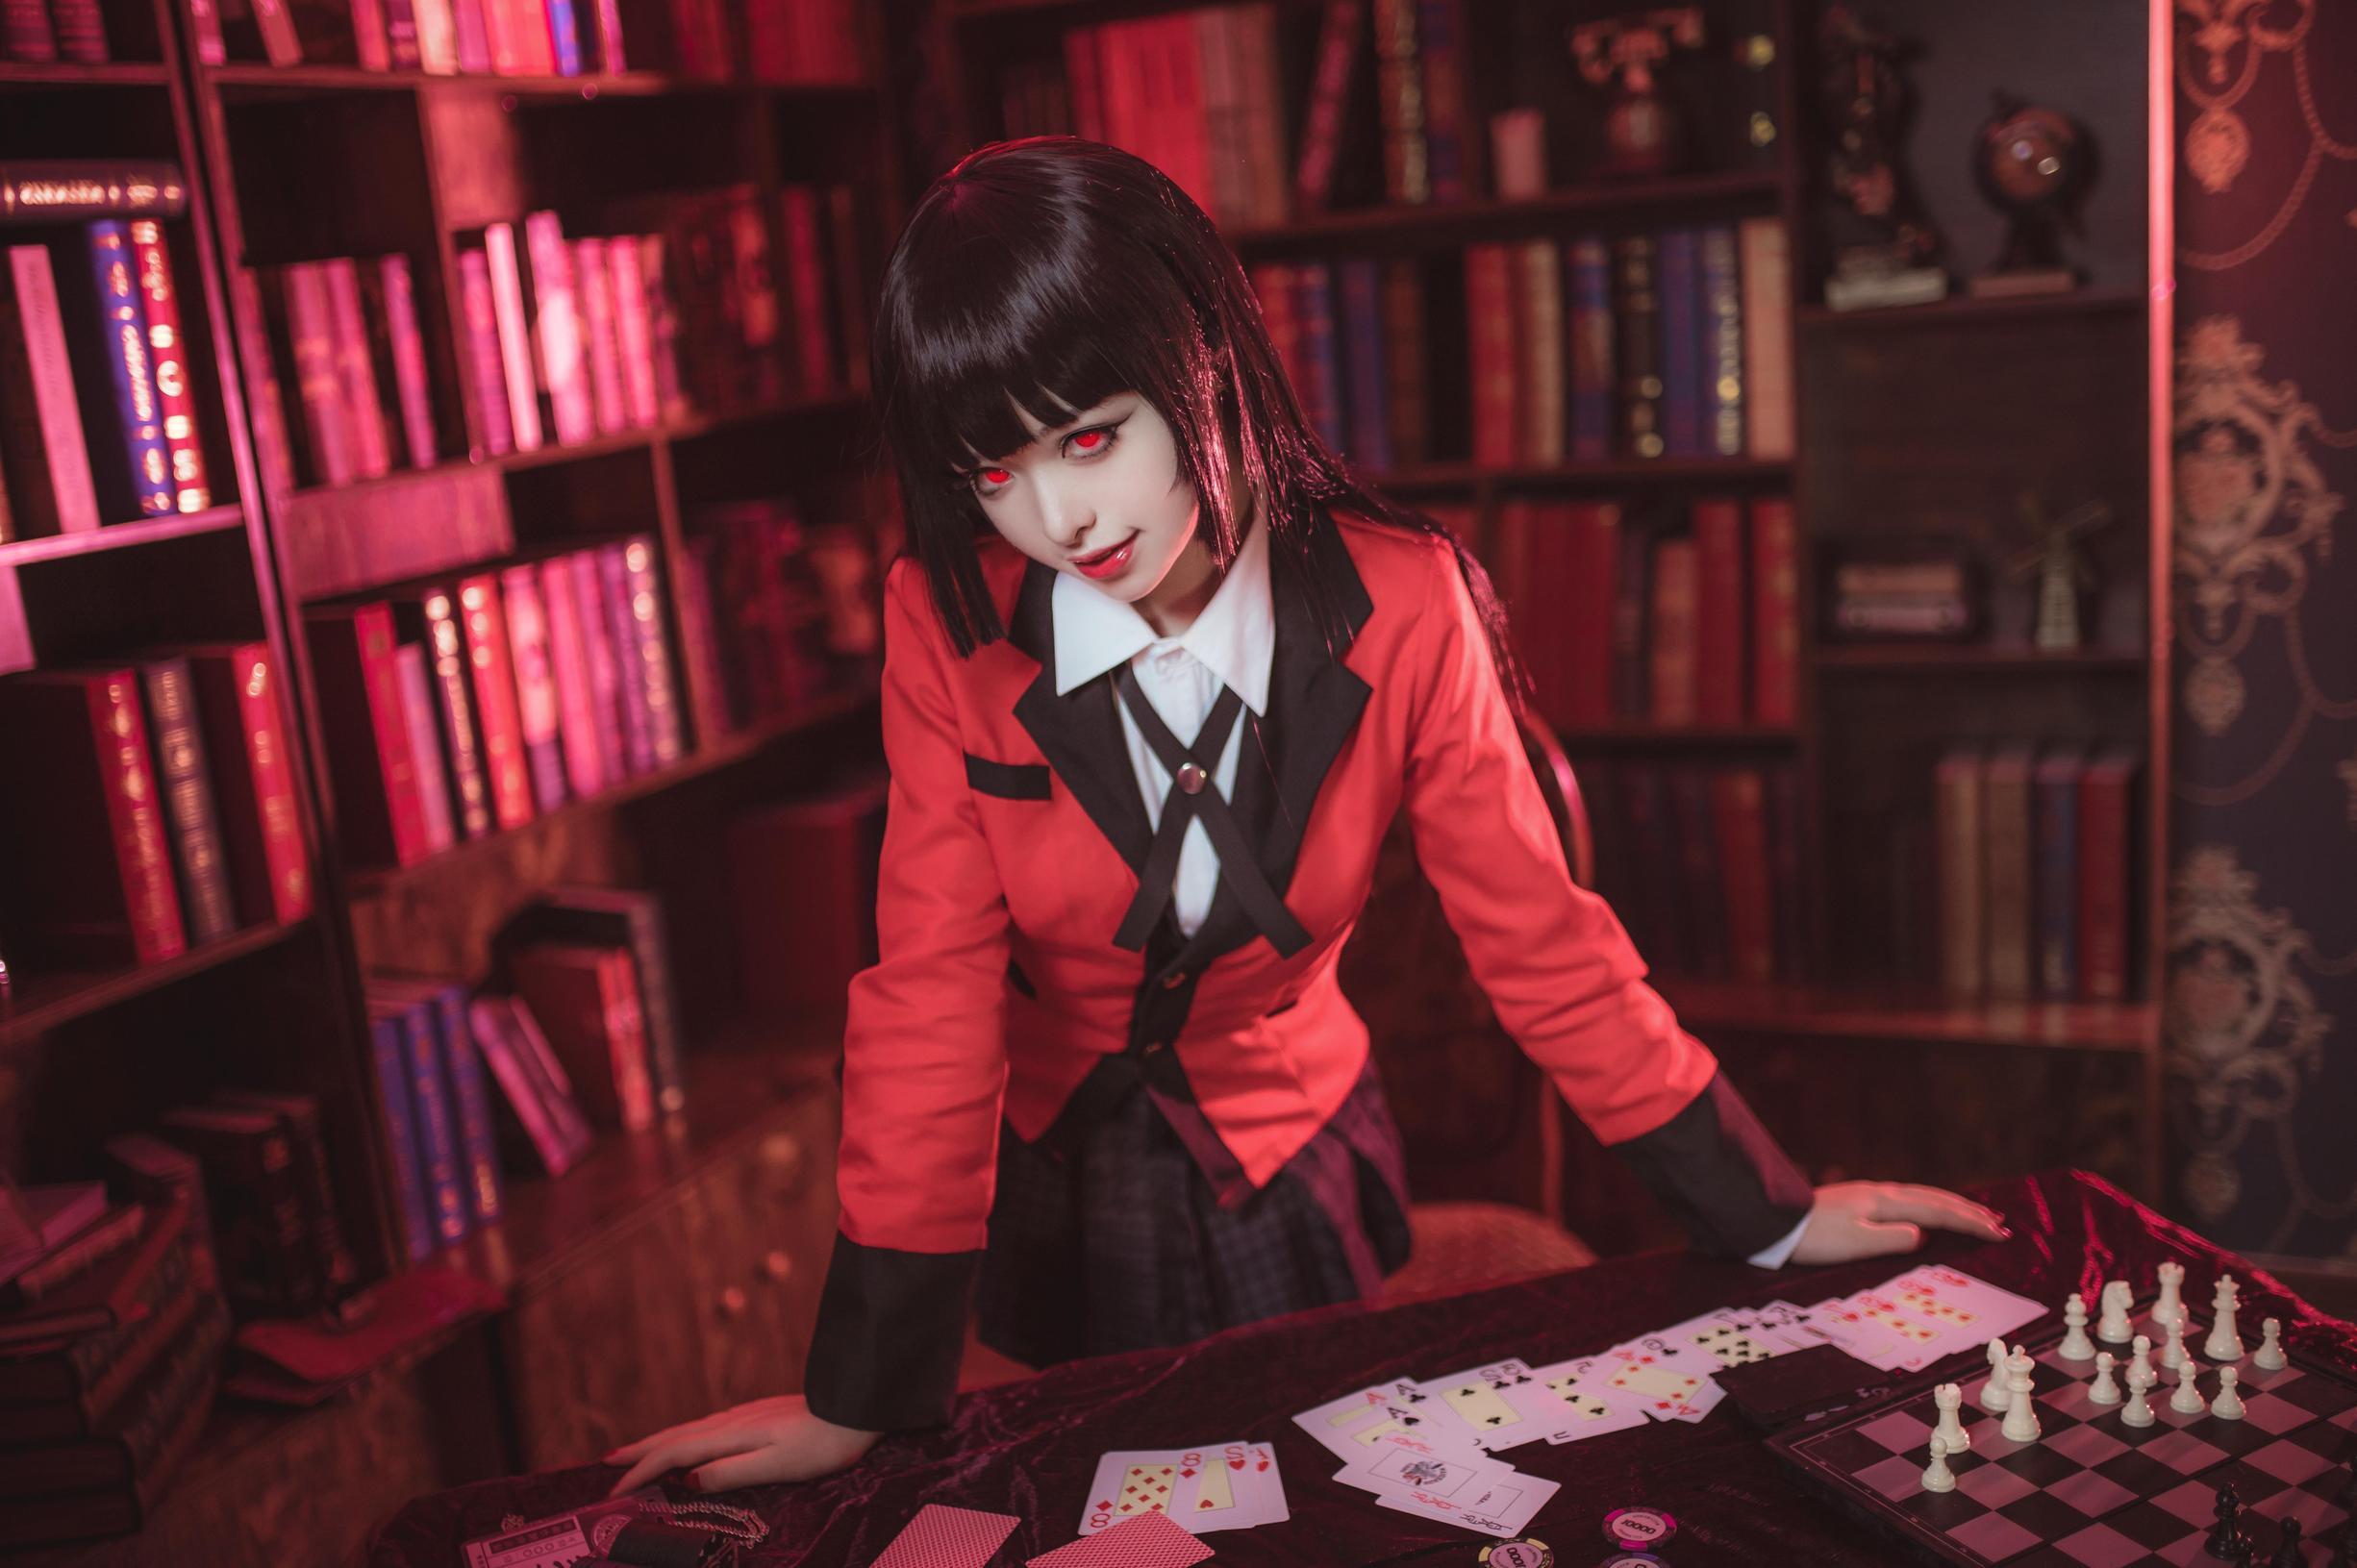 《狂赌之渊》正片cosplay【CN:鸢鬼】 -妖精的尾巴美女cosplay图片插图